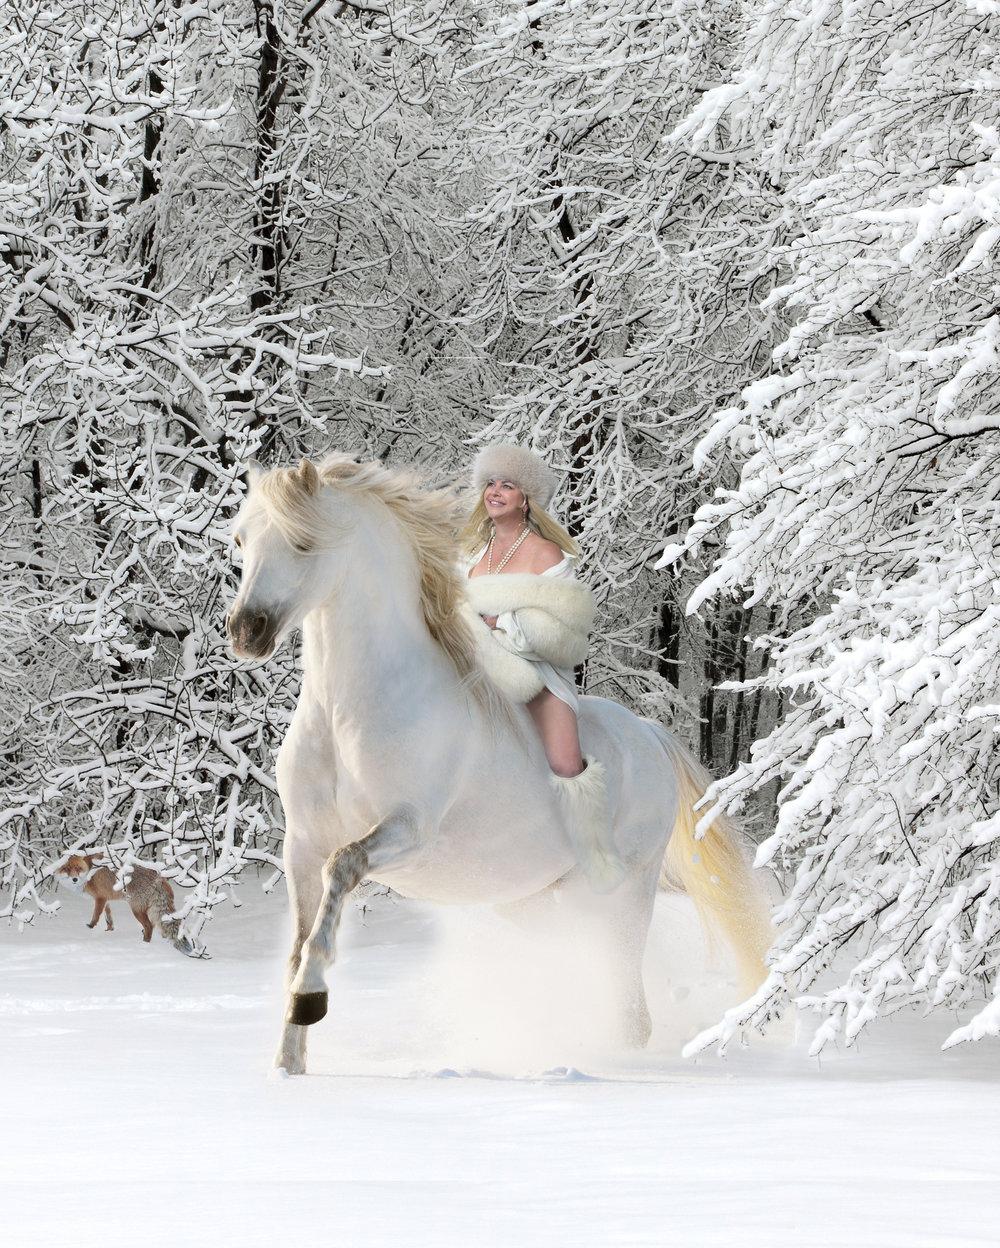 carol in snow 16x20.jpg